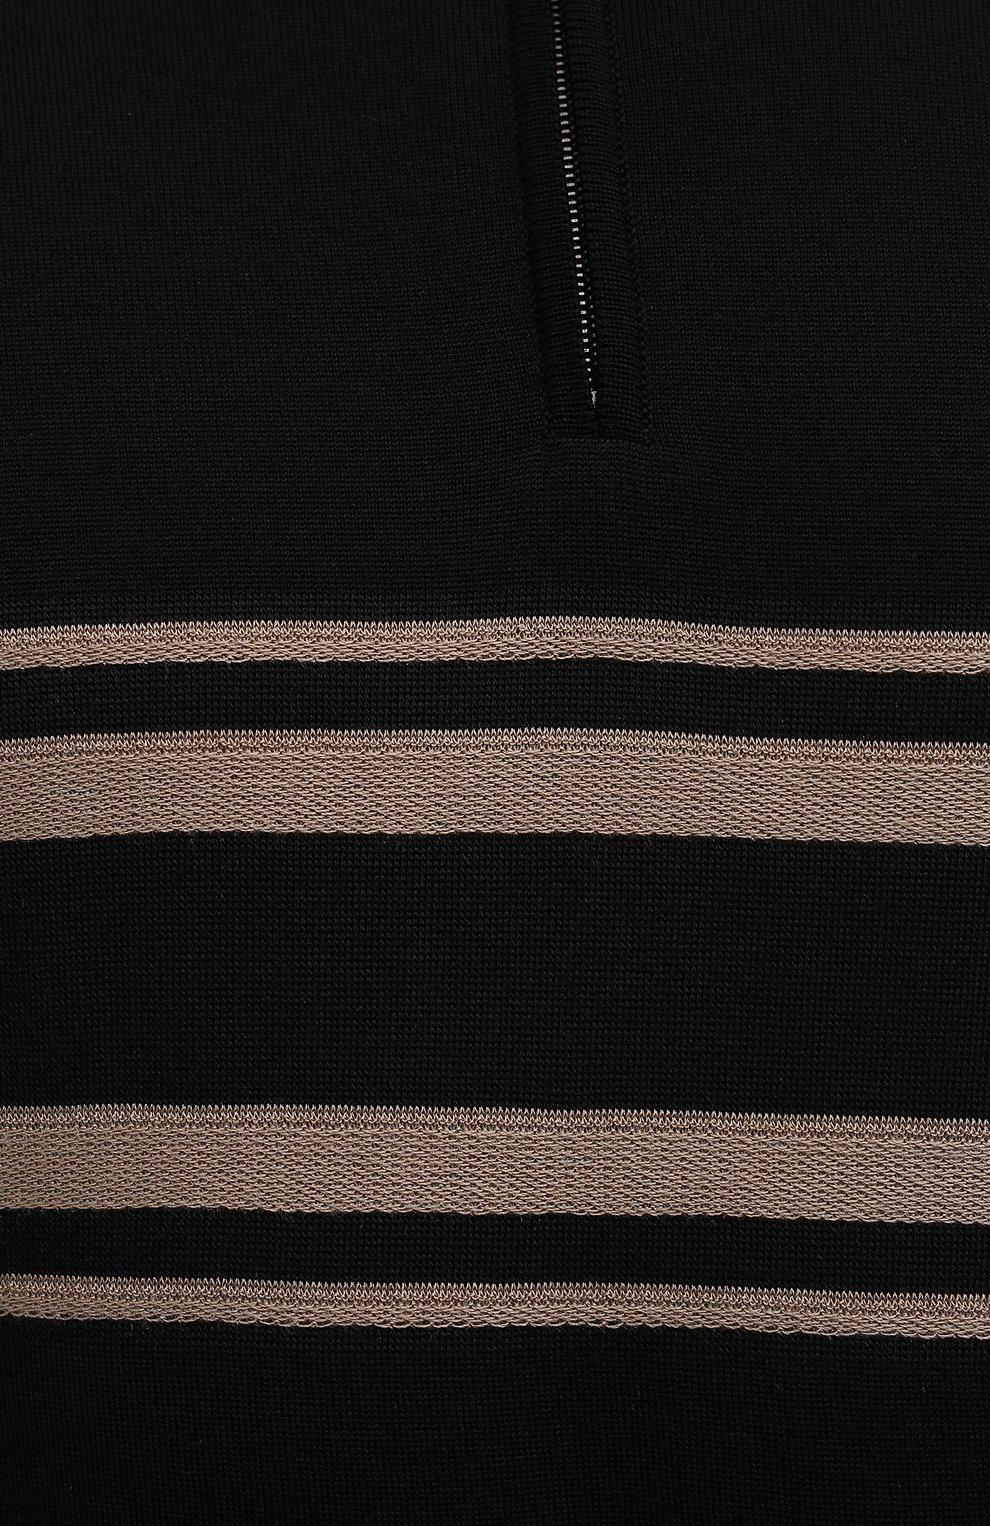 Мужской джемпер из шерсти и шелка BRIONI черного цвета, арт. UMS70L/09K86 | Фото 5 (Мужское Кросс-КТ: Джемперы; Материал внешний: Шерсть; Рукава: Длинные; Длина (для топов): Стандартные; Принт: С принтом; Вырез: Круглый; Стили: Кэжуэл)